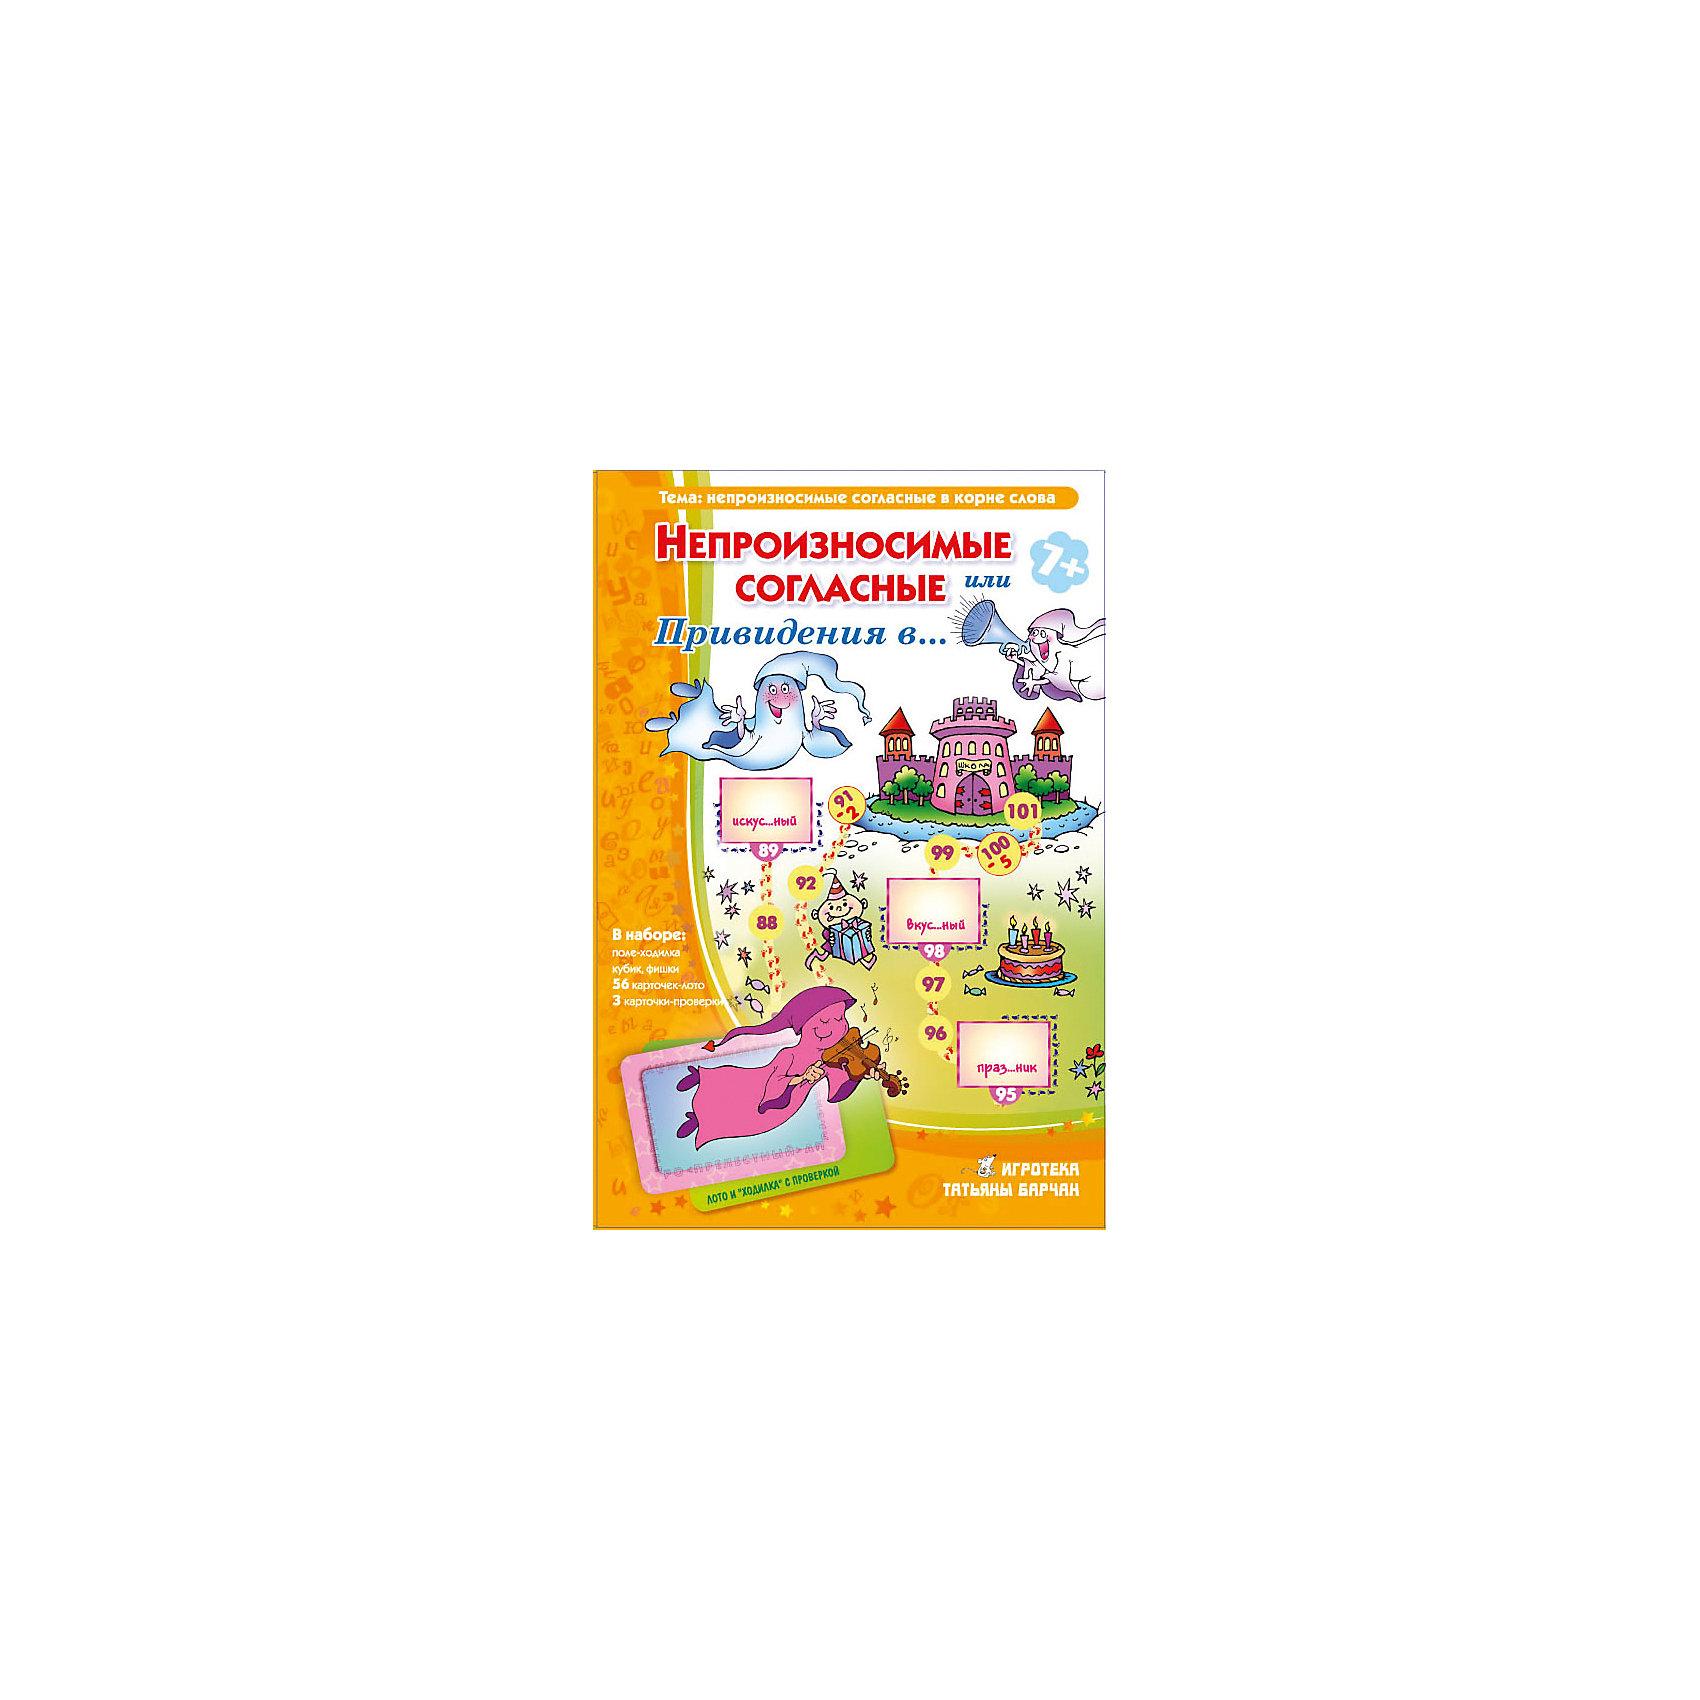 Пособие Непроизносимые согласные или Привидения в …, Игротека Татьяны БарчанЛото<br>Пособие Непроизносимые согласные или Привидения в …, Игротека Татьяны Барчан.<br><br>Характеристики:<br><br>• Для детей в возрасте: от 7 до 12 лет<br>• В комплекте: 28 карточек с проверочными словами, 28 карточек со словами, в которых пропущена согласная, игровое поле-ходилка, 3 карточки-проверки, кубик, фишки, инструкция<br>• Тема: Непроизносимые согласные в корне слова<br>• Материал: плотный качественный картон<br>• Производитель: ЦОТР Ребус (Россия)<br>• Упаковка: картонная коробка<br>• Размер упаковки: 210х300х50 мм.<br>• Вес: 572 гр.<br><br>В пособии собраны практически все слова по теме «Непроизносимые согласные в корне слова». Две игры, лото и ходилка, которые объединяет общая тема, непроизносимые согласные в корне слова и смешные привидения обязательно понравятся детям. <br><br>Привидения хотя и разные по характеру бесхитростные, известные и даже властные, но все они отважно отправляются в путешествие, где встречаются с трудностями правописания в лице сверстников, вестников или разведчиков в окрестностях замка. <br><br>Во всех вариантах игр предусмотрен способ проверки ответа. В процессе игры дети закрепляют навык подбора проверочных слов при написании непроизносимых согласных, развивают внимание и память, расширяют словарный запас, учатся проверять свои знания самостоятельно.<br><br>Пособие Непроизносимые согласные или Привидения в …, Игротека Татьяны Барчан можно купить в нашем интернет-магазине.<br><br>Ширина мм: 270<br>Глубина мм: 180<br>Высота мм: 40<br>Вес г: 473<br>Возраст от месяцев: 84<br>Возраст до месяцев: 144<br>Пол: Унисекс<br>Возраст: Детский<br>SKU: 6751350